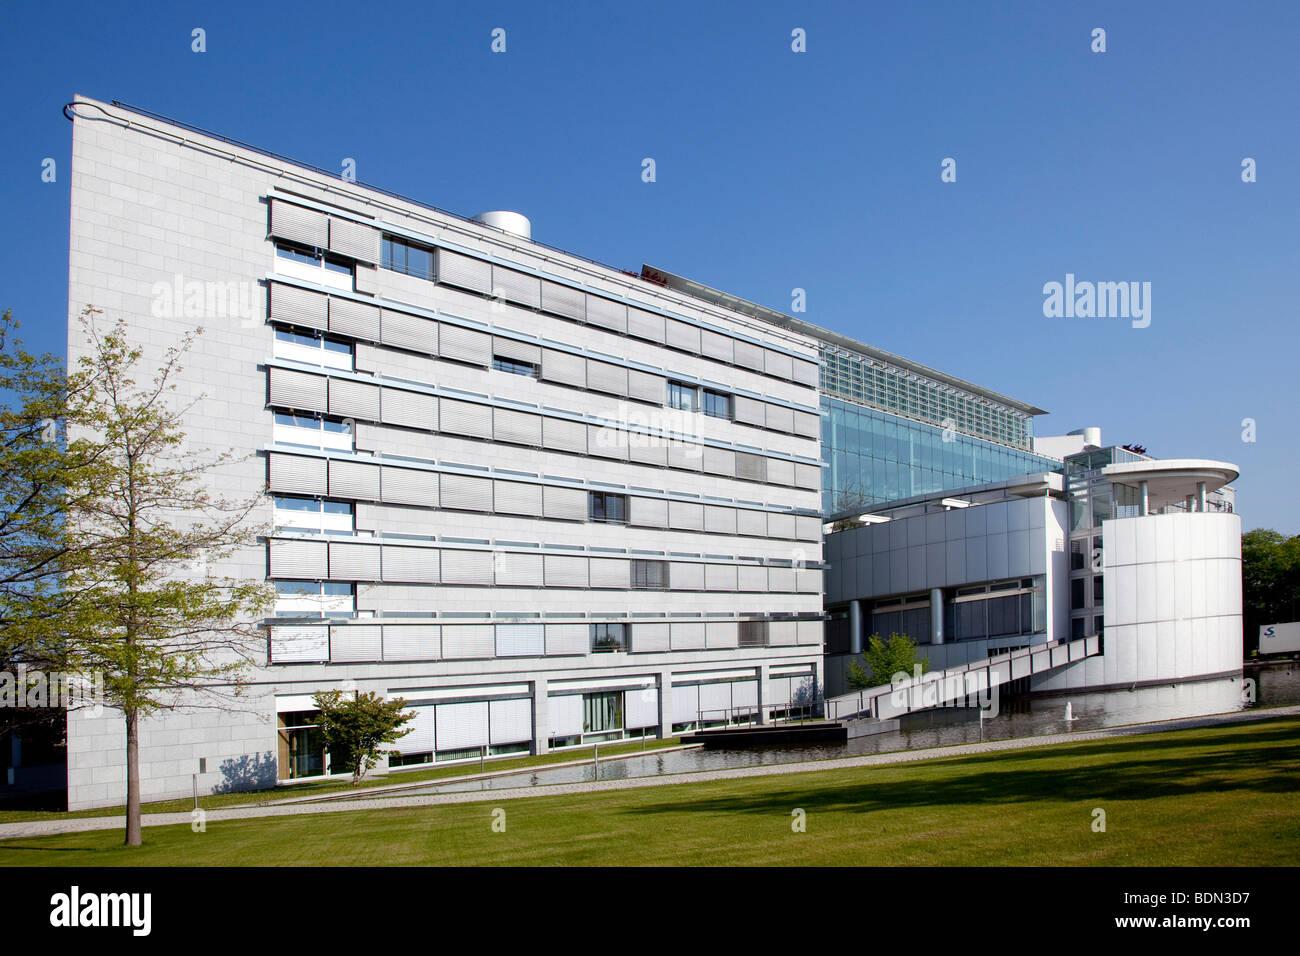 Siège de l'entreprise pharmaceutique Boehringer Ingelheim GmbH, Ingelheim, Rhénanie-Palatinat, Allemagne, Photo Stock